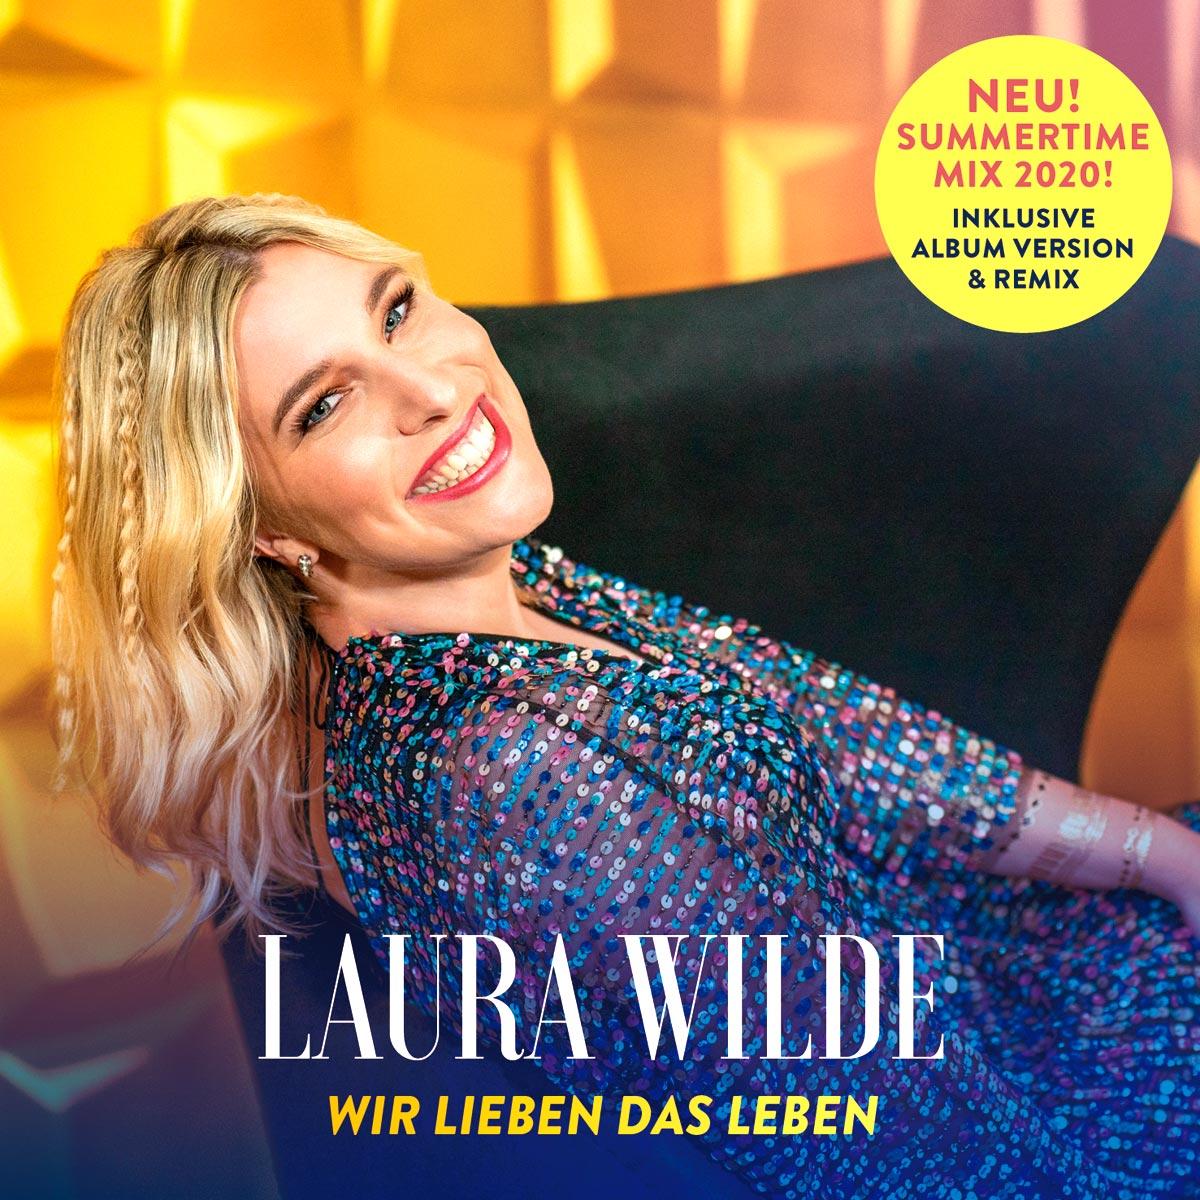 LAURA WILDE - WIR LIEBEN DAS LEBEN